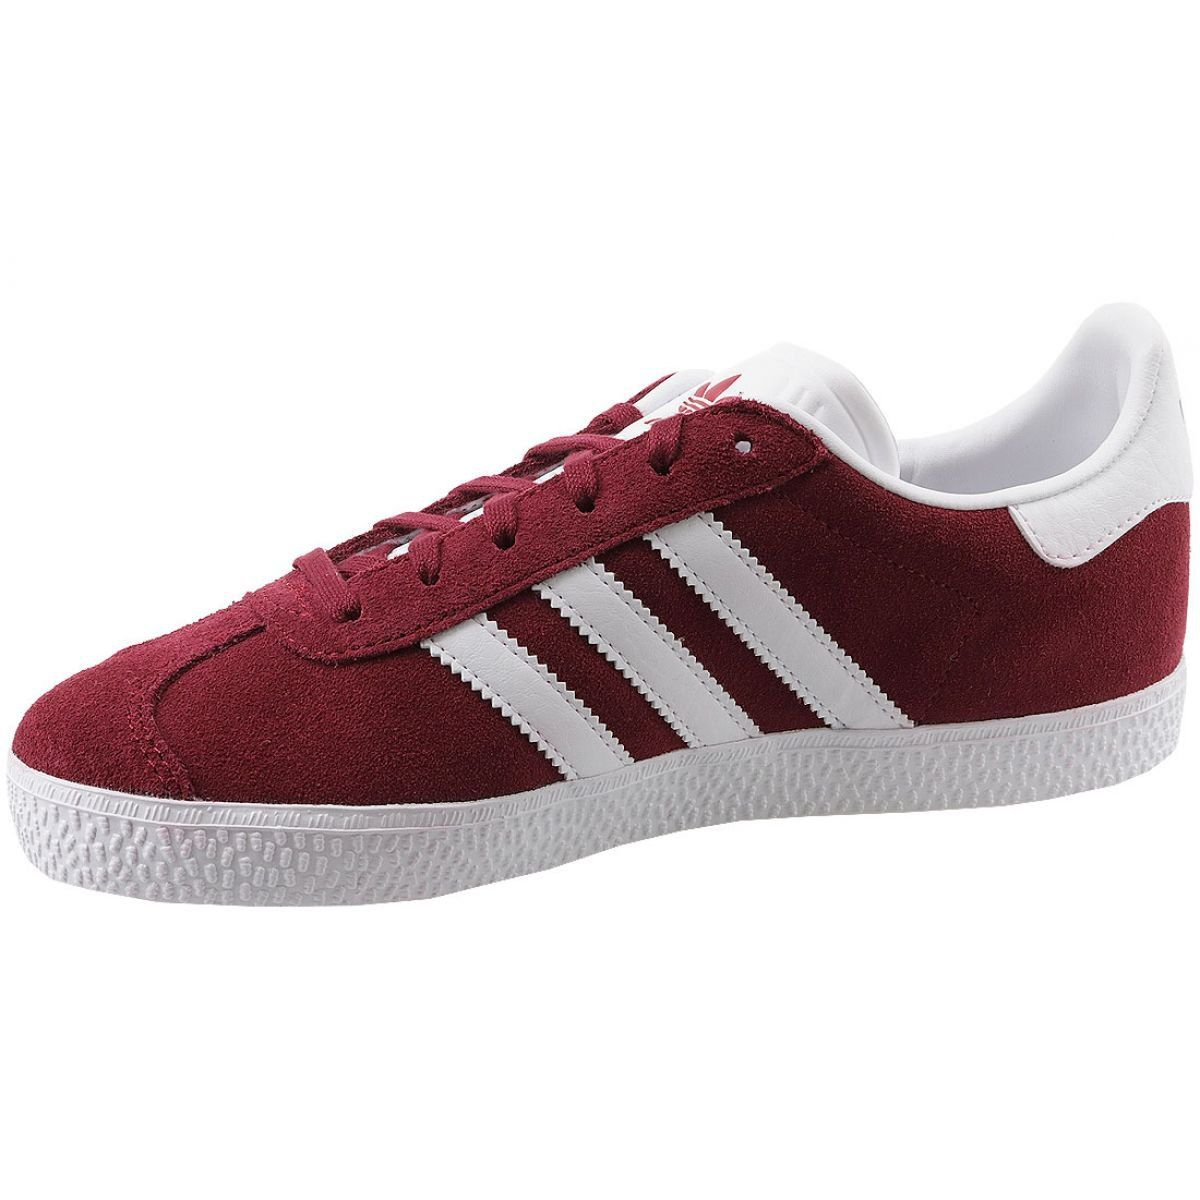 popularna marka wyprzedaż resztek magazynowych zasznurować Buty adidas Gazelle Jr CQ2874 czerwone | Sportowe damskie w ...